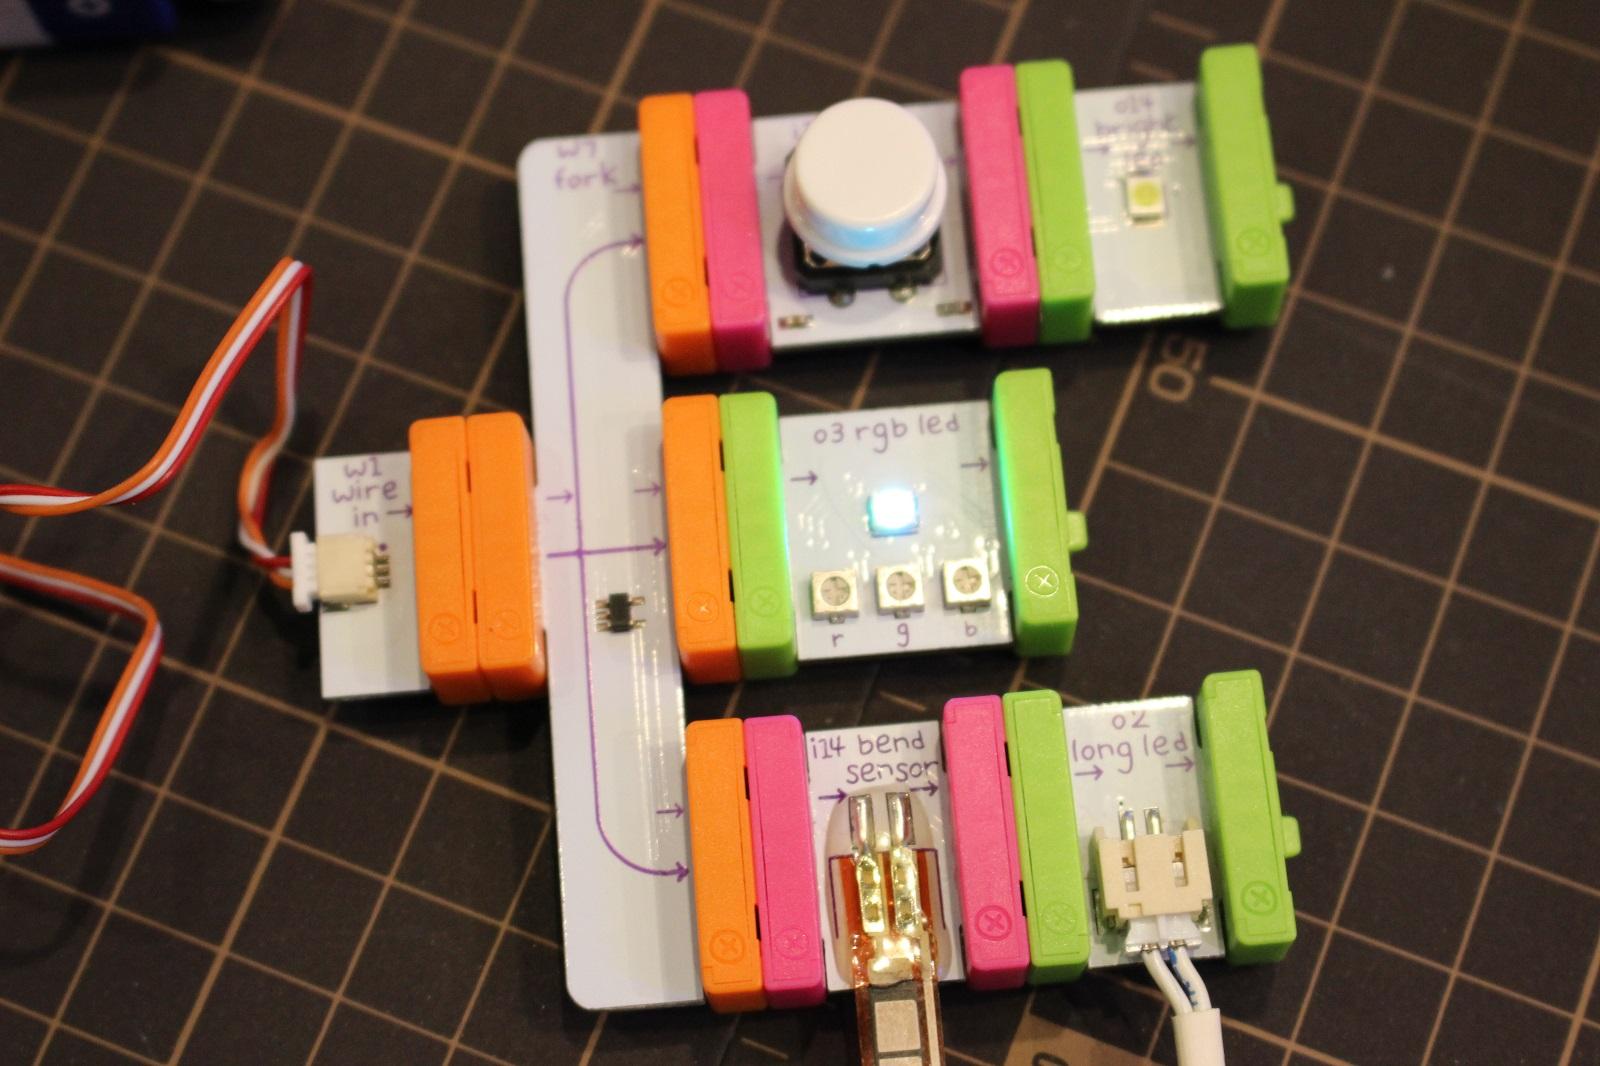 試しにLEDが光る3種類の組み合わせを作ってみた。中段は接続するだけで光るが、上段はボタン式、下段はタッチセンサーで光る仕組みになる。磁石は誤った方向で接続しようとすると反発し合う